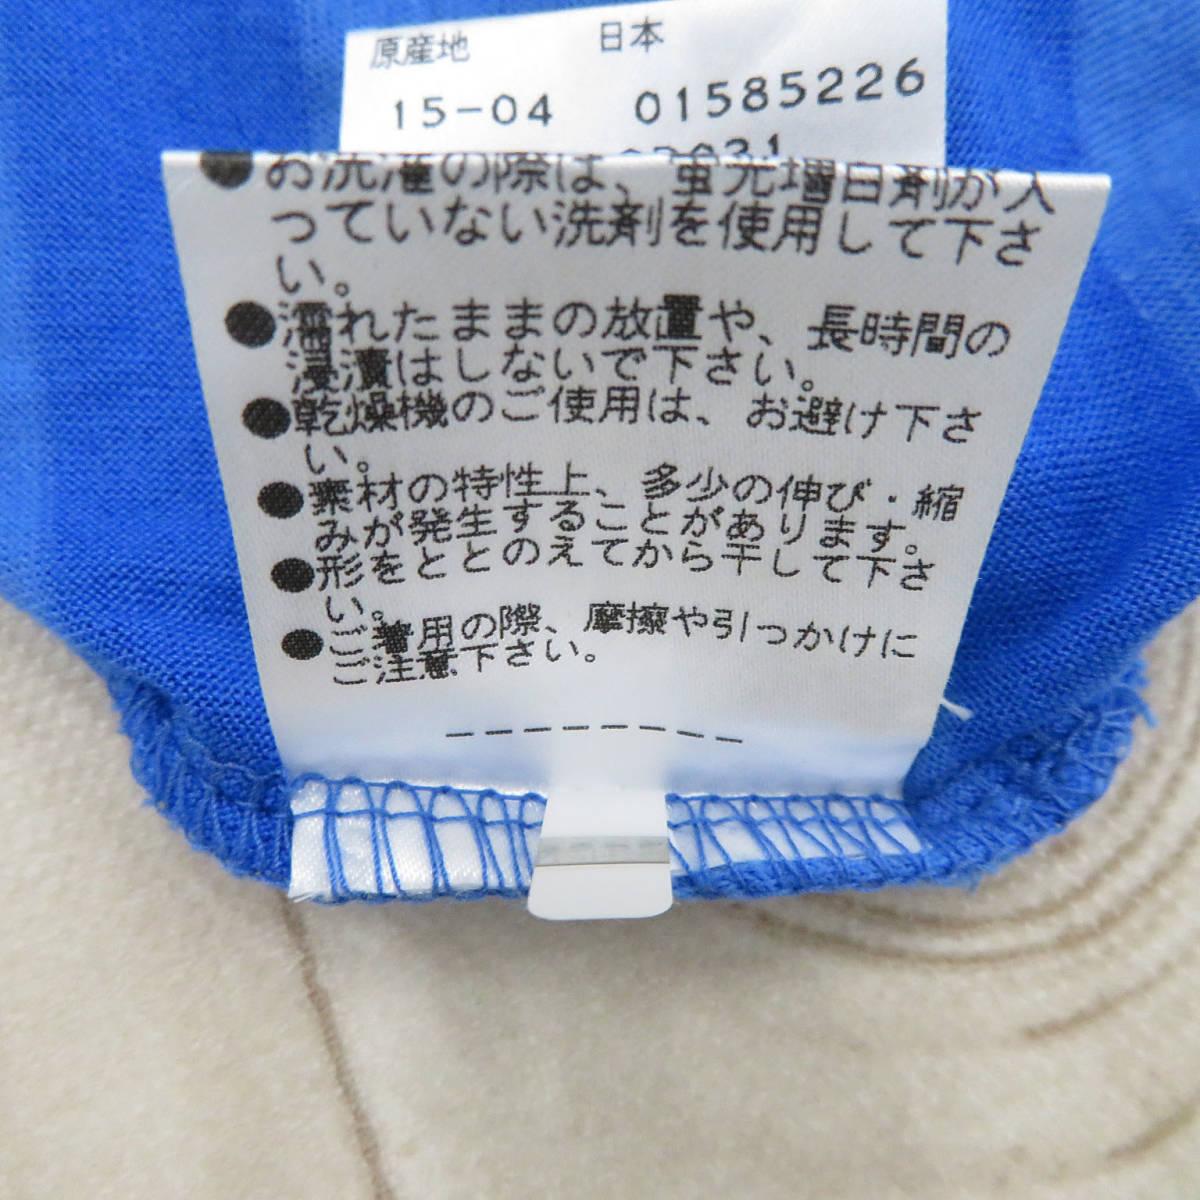 1円~!【送料無料】マスターバニーエディション レディース ポロシャツ ブルー ストライプ サイズ 2 ゴルフウェア【中古】USED [C285]_画像8